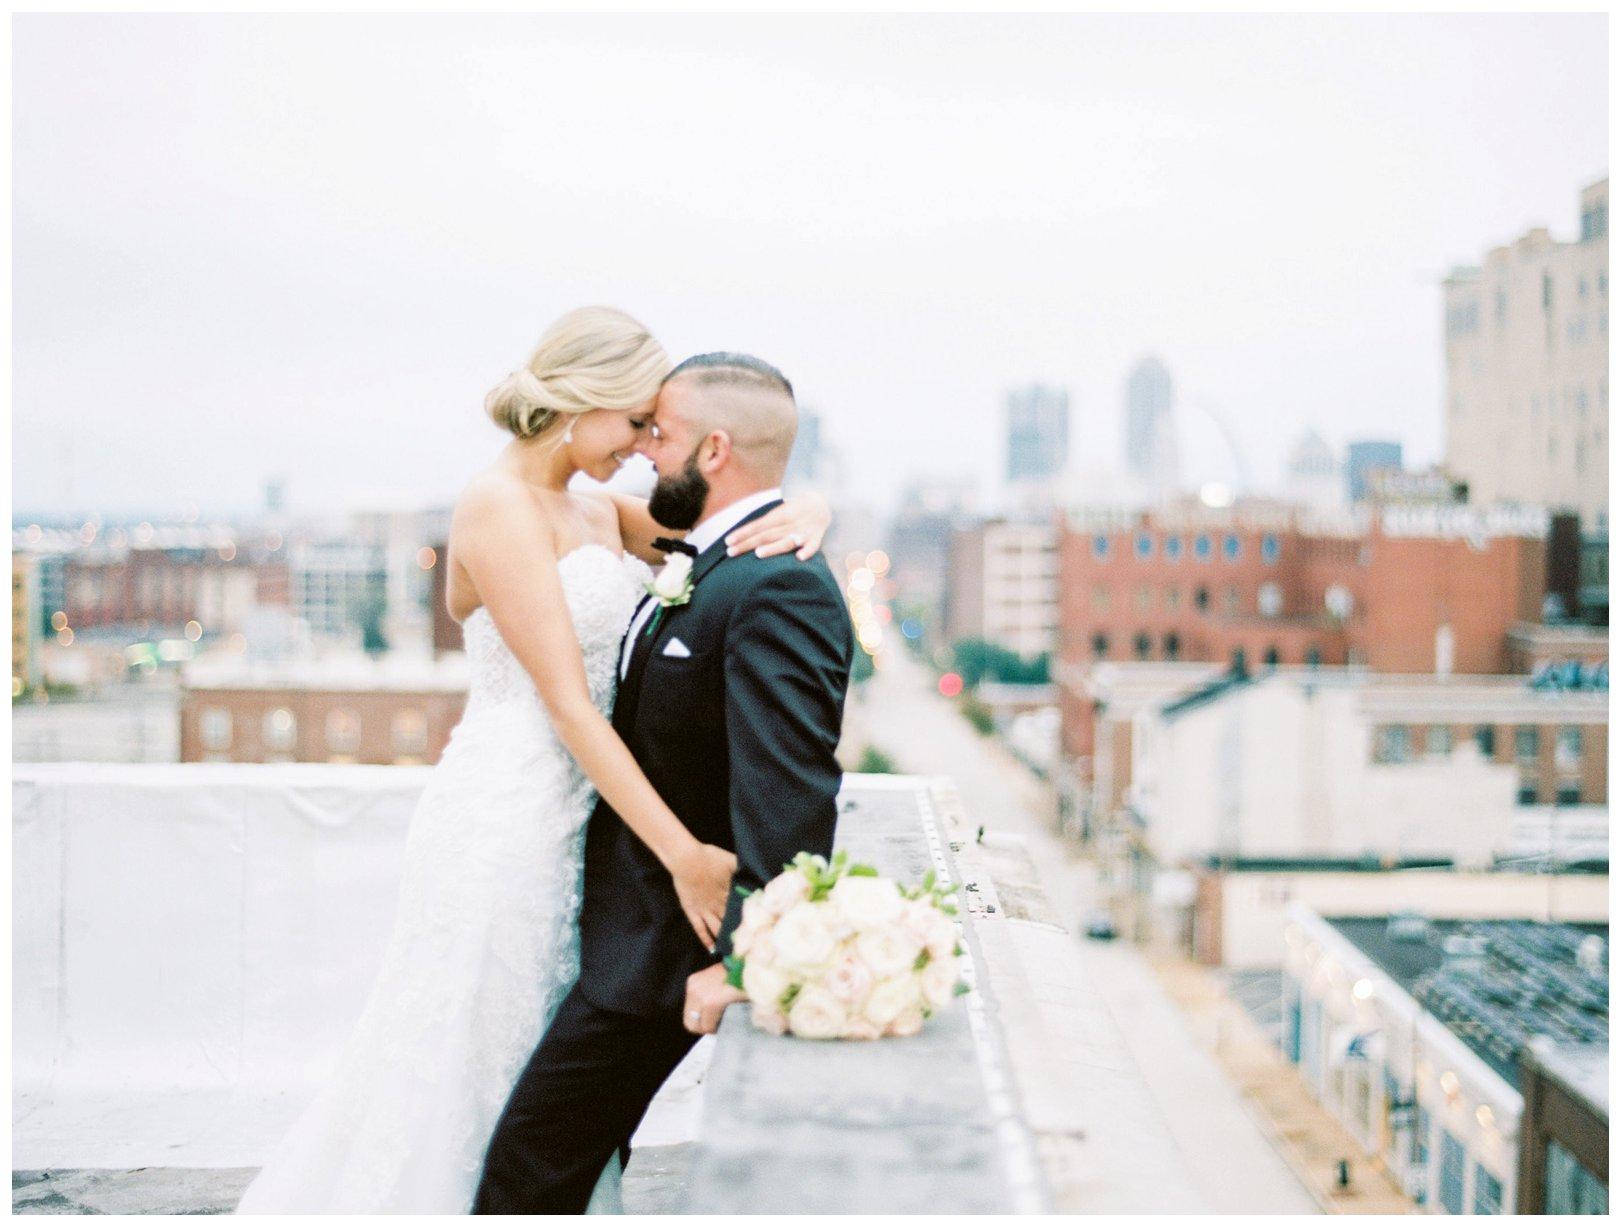 lauren muckler photography_fine art film wedding photography_st louis_photography_2162.jpg